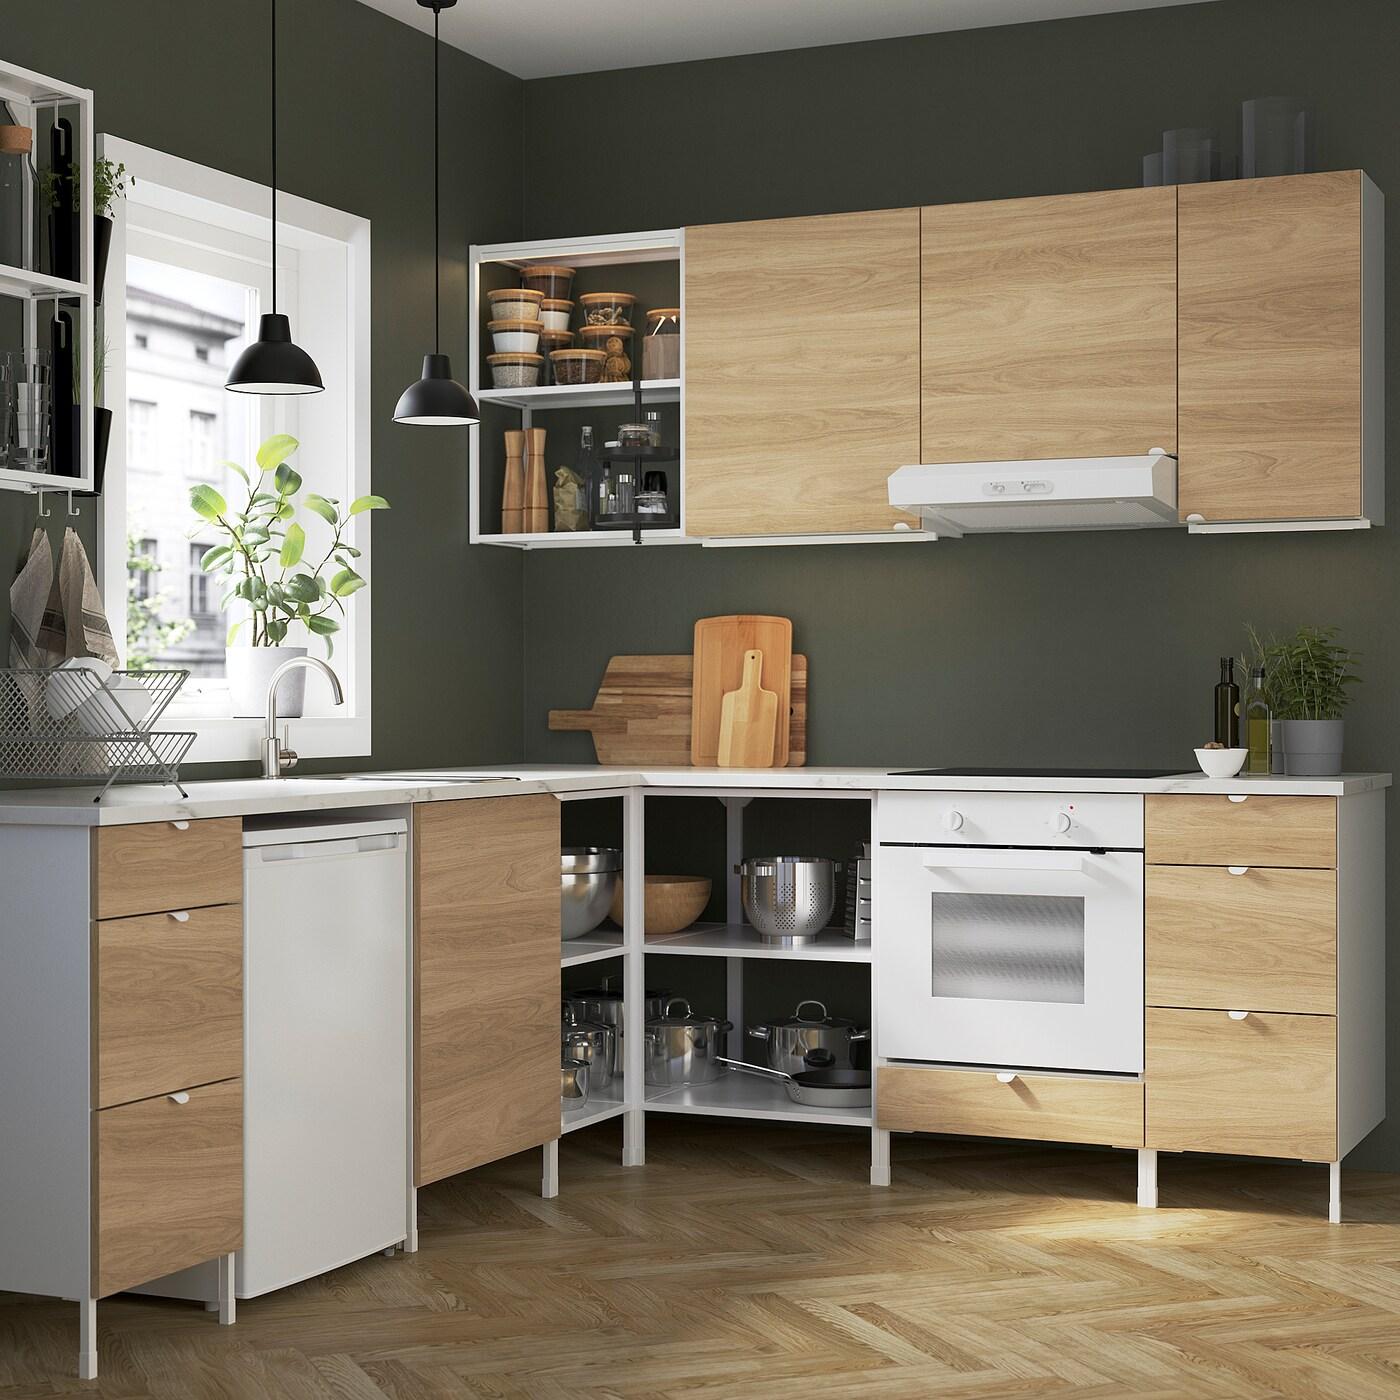 ENHET مطبخ زاوية, أبيض/شكل السنديان